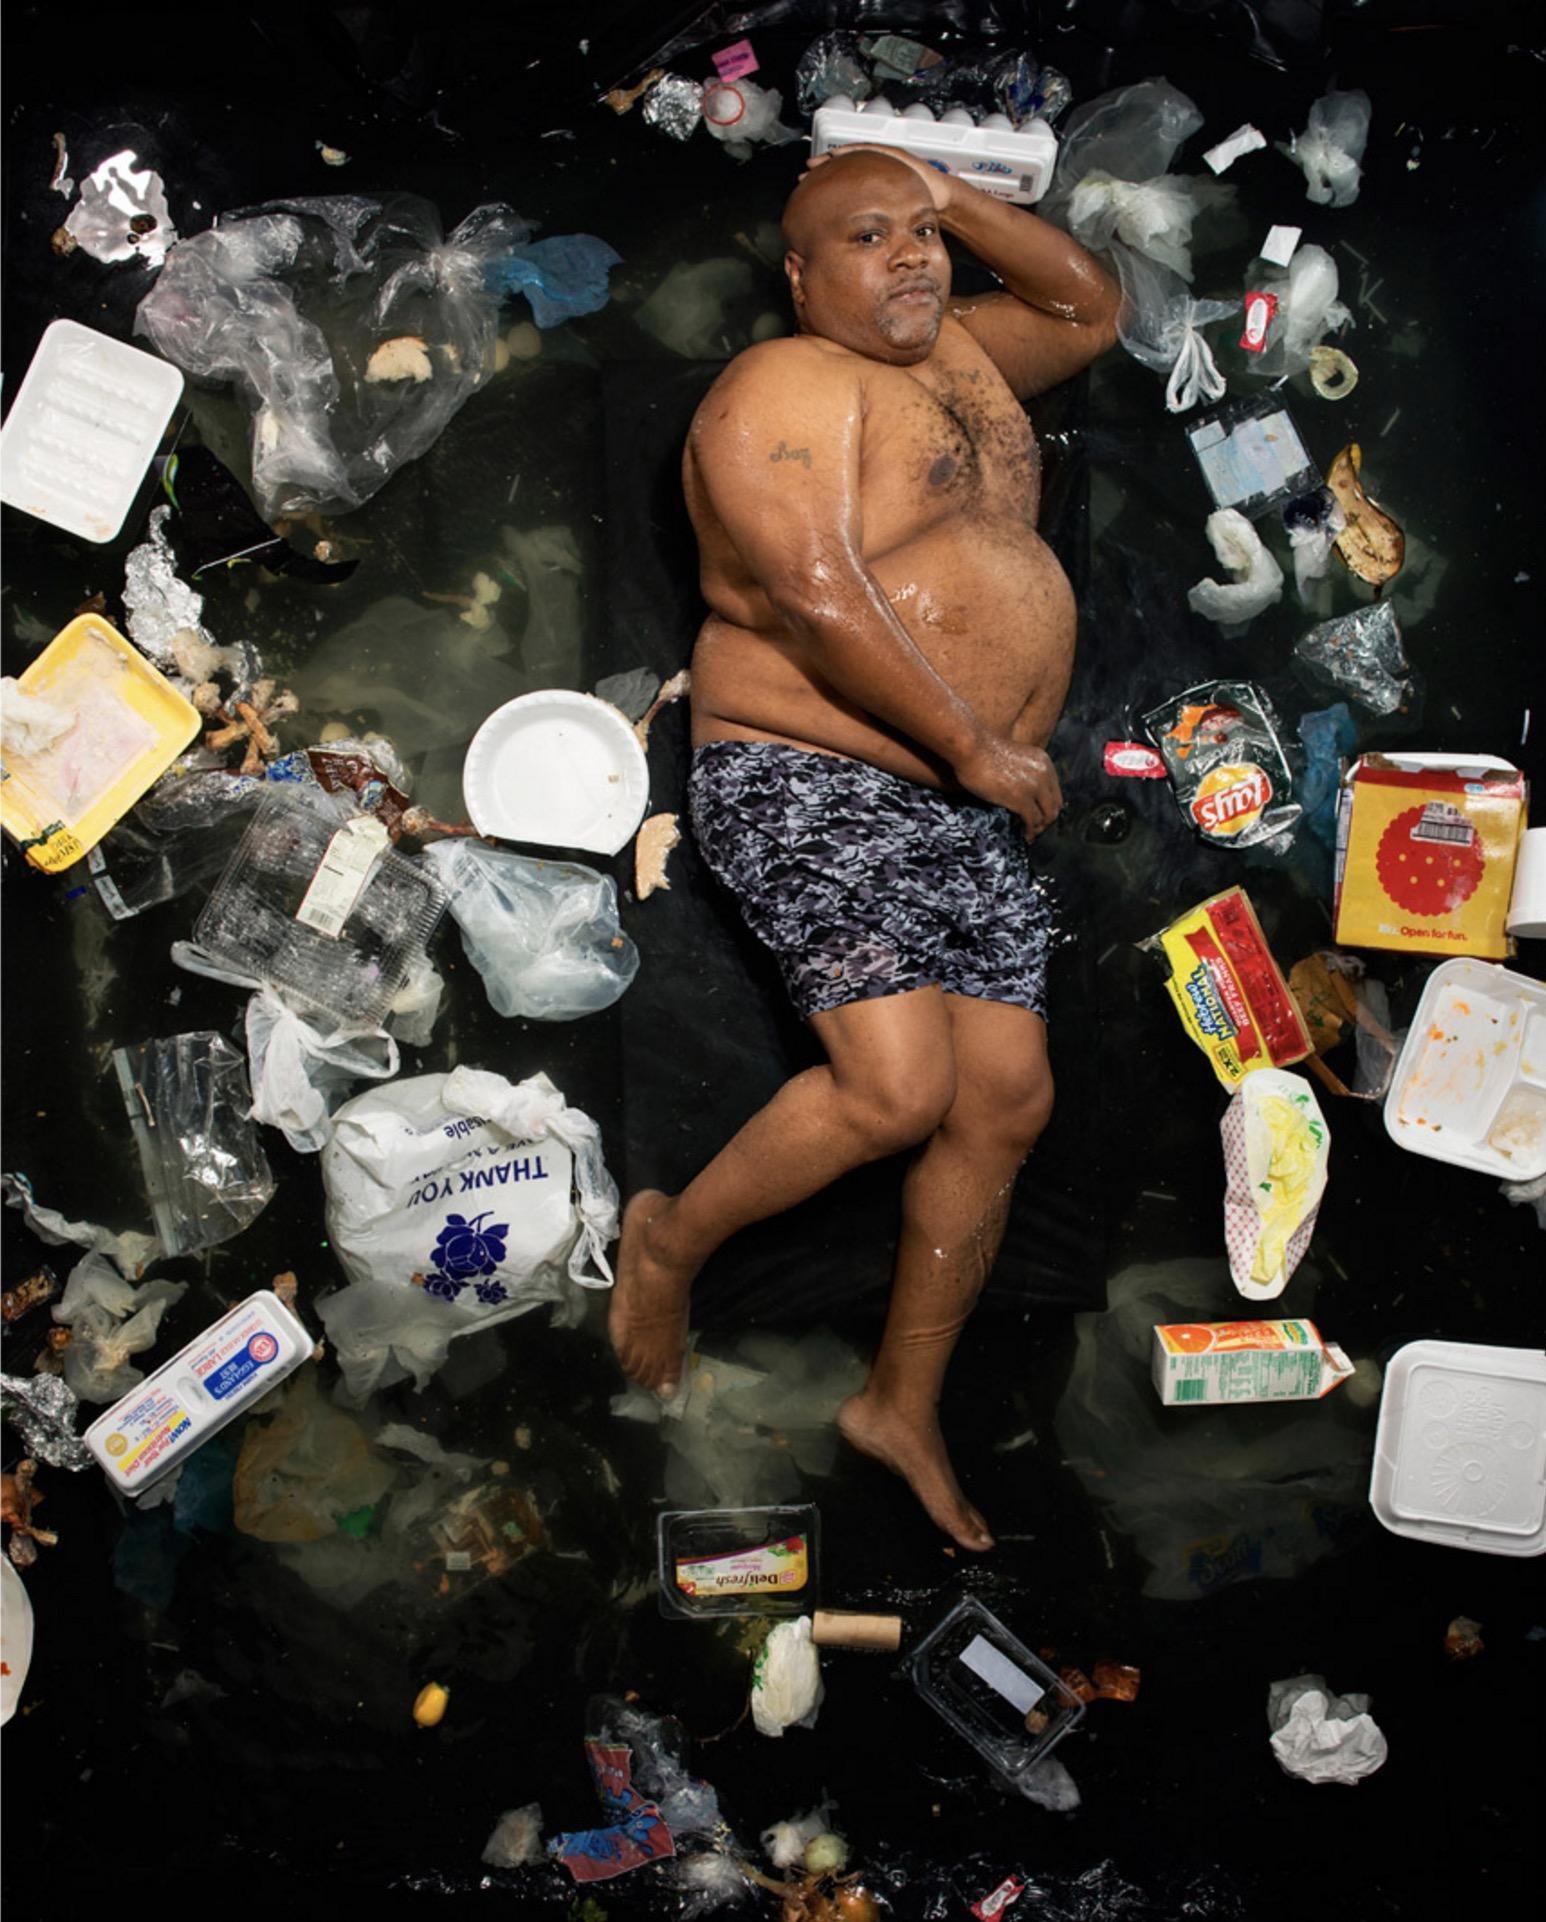 7 Days Of Garbage_Gregg Segal_organiconcrete_4